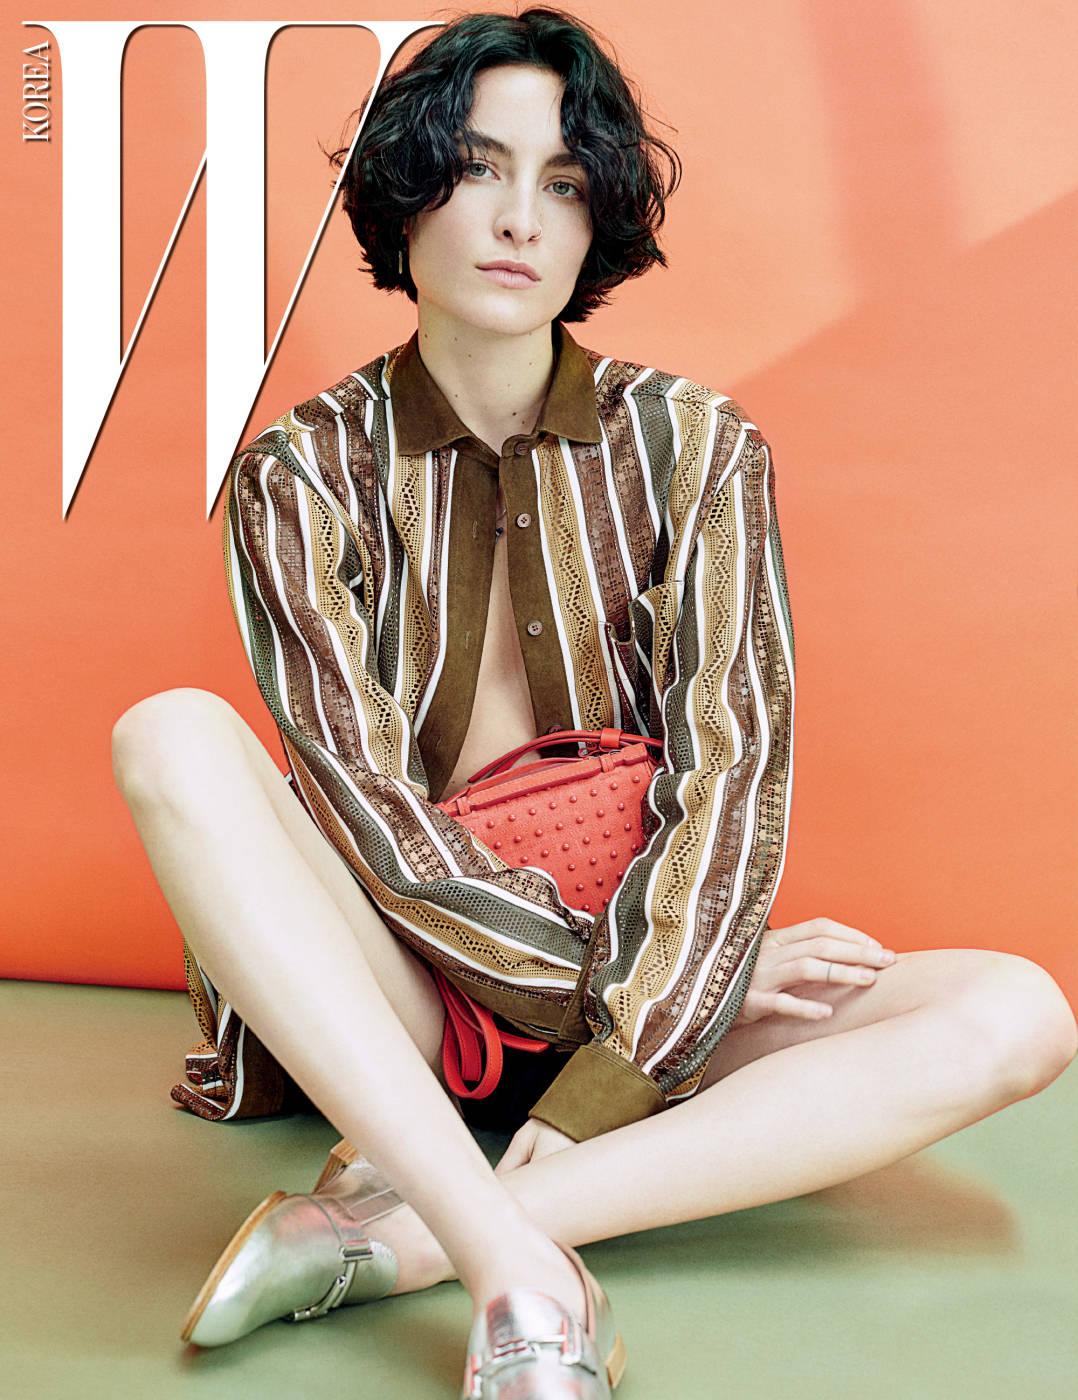 매끈한 가죽과 스웨이드 소재의 펀칭 장식 줄무늬 셔츠, 매혹적인 주홍색의 고미노 장식 숄더백, 메탈릭한 실버 색상의 슬립온 슈즈는 모두 Tod's 제품.